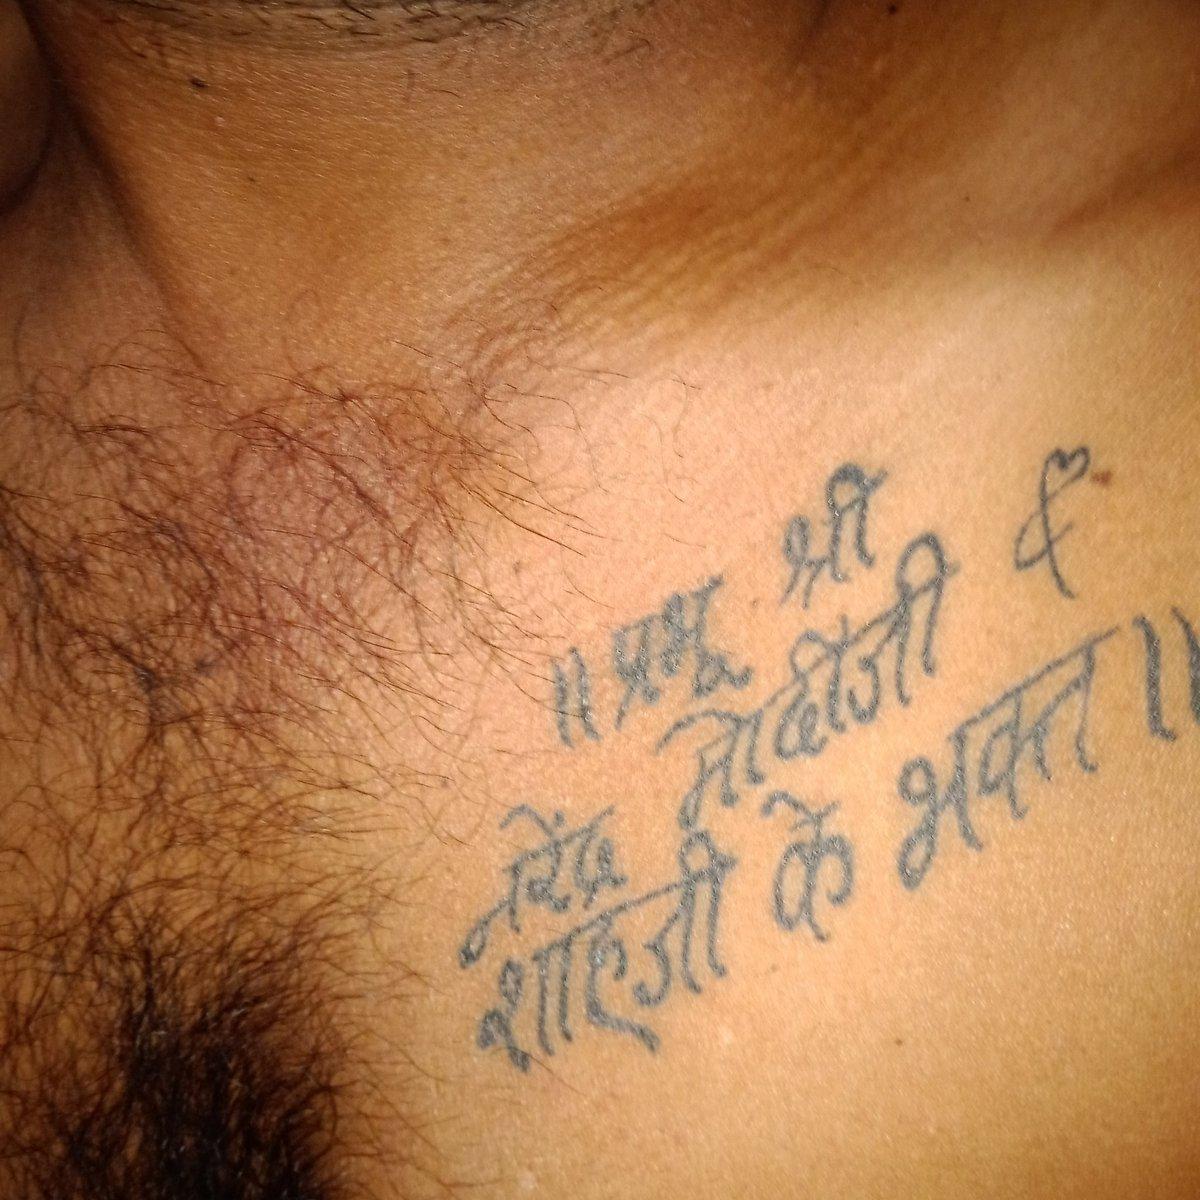 @AmitShah @jairamthakurbjp Only modi ji